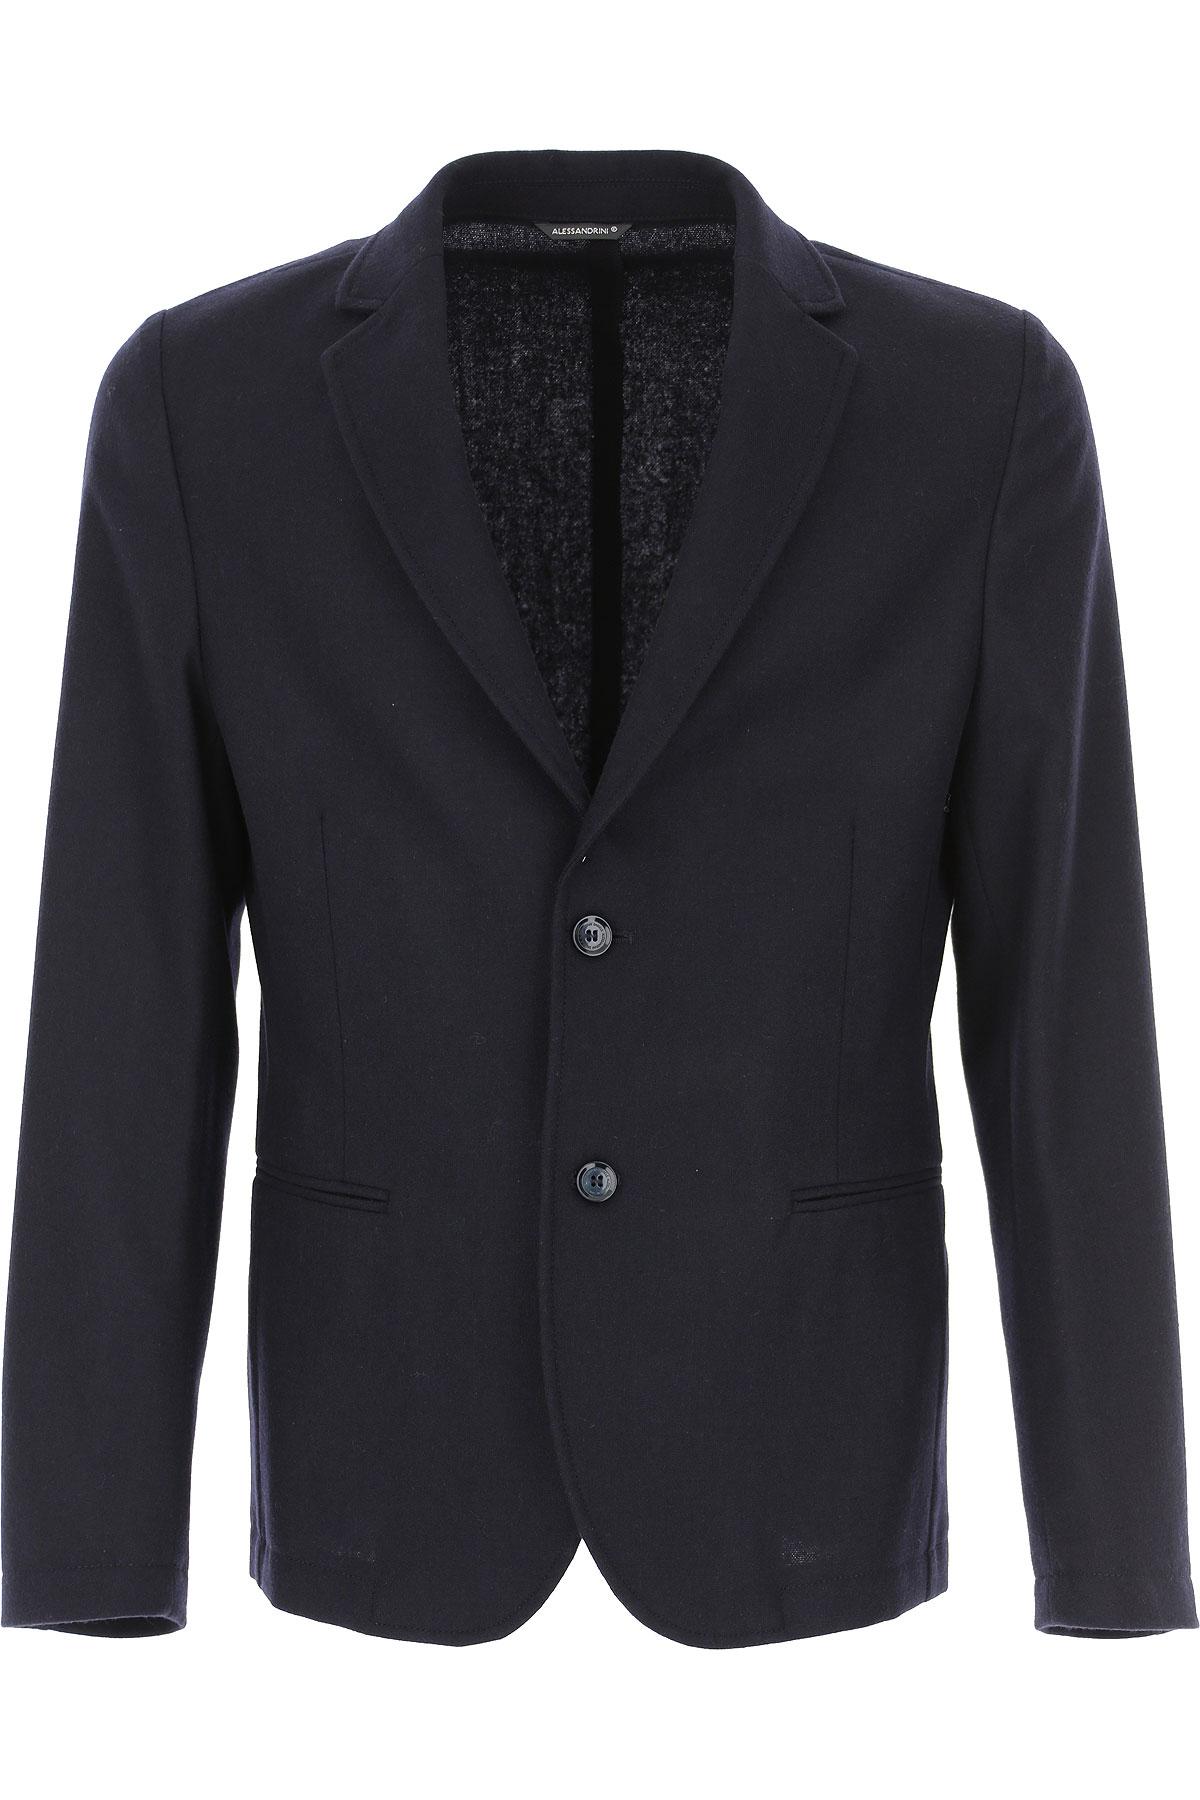 Daniele Alessandrini Blazer for Men, Sport Coat On Sale, Navy Blue, Wool, 2019, L M XL